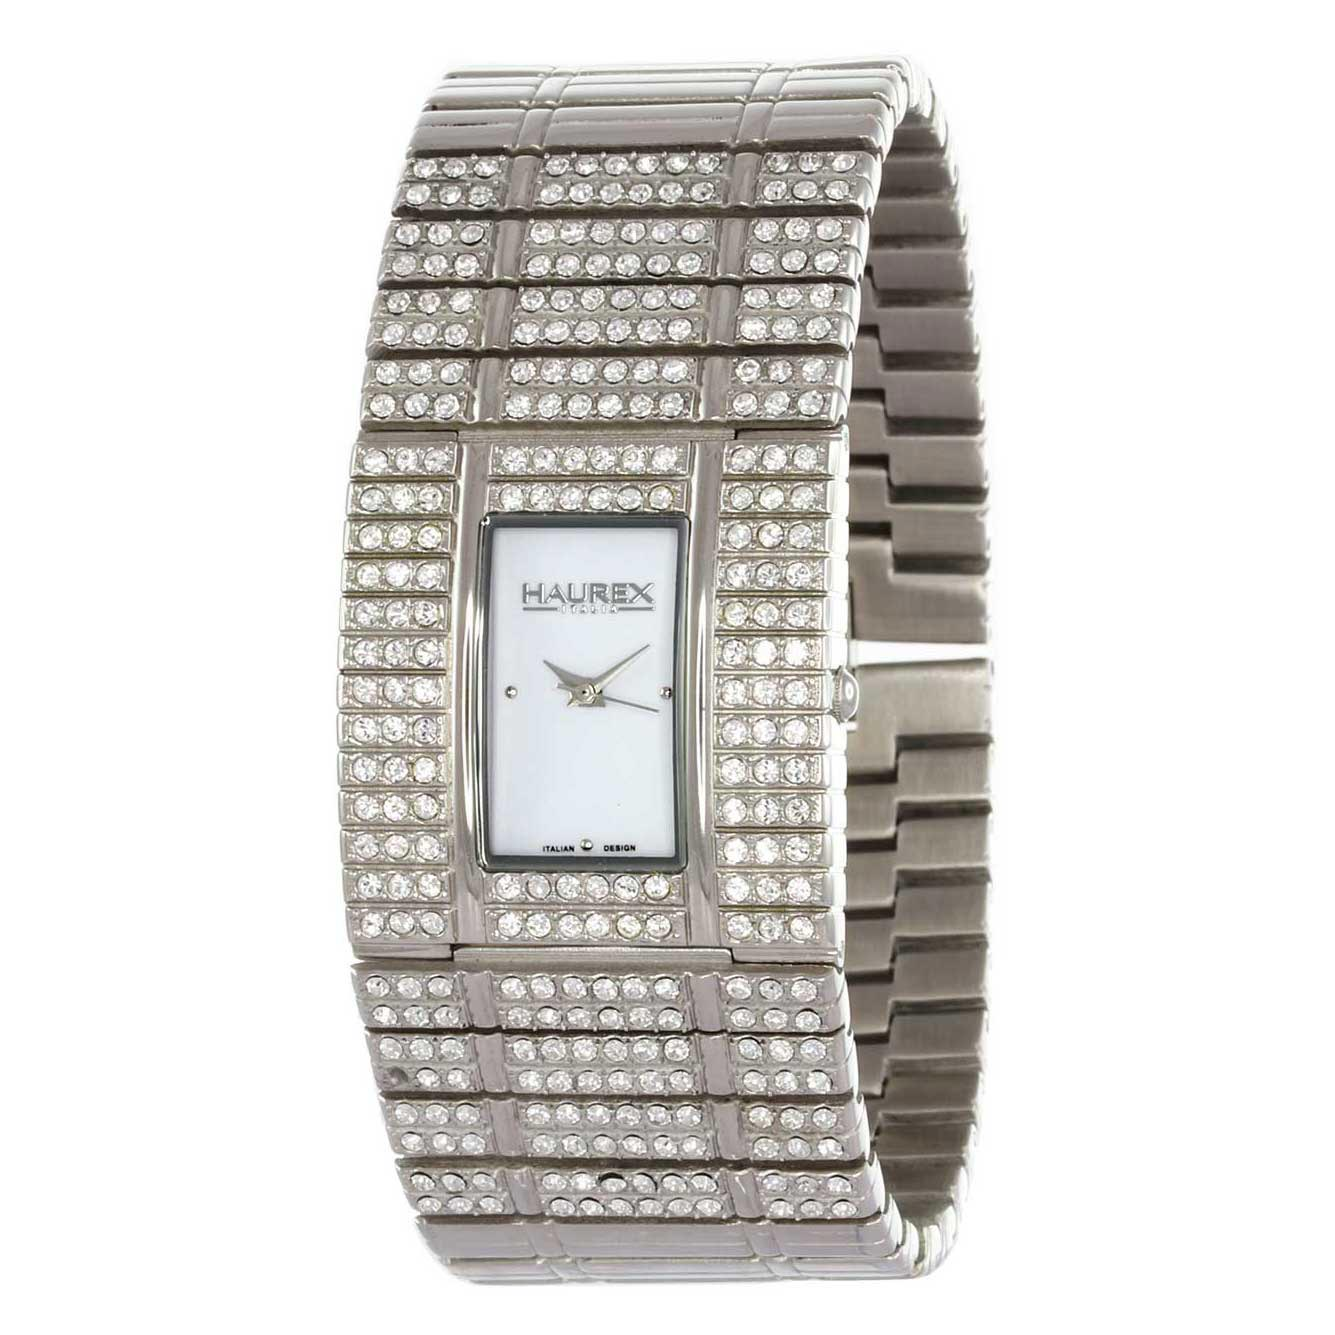 ساعت مچی عقربه ای زنانه هورکس مدل ZQHX-XS368DW1 9